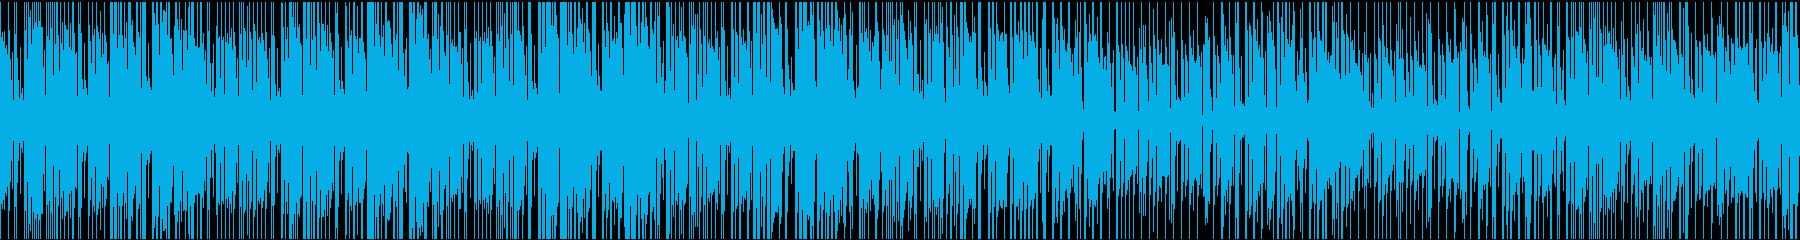 アンビエント ゆっくり 魅惑 ロマ...の再生済みの波形